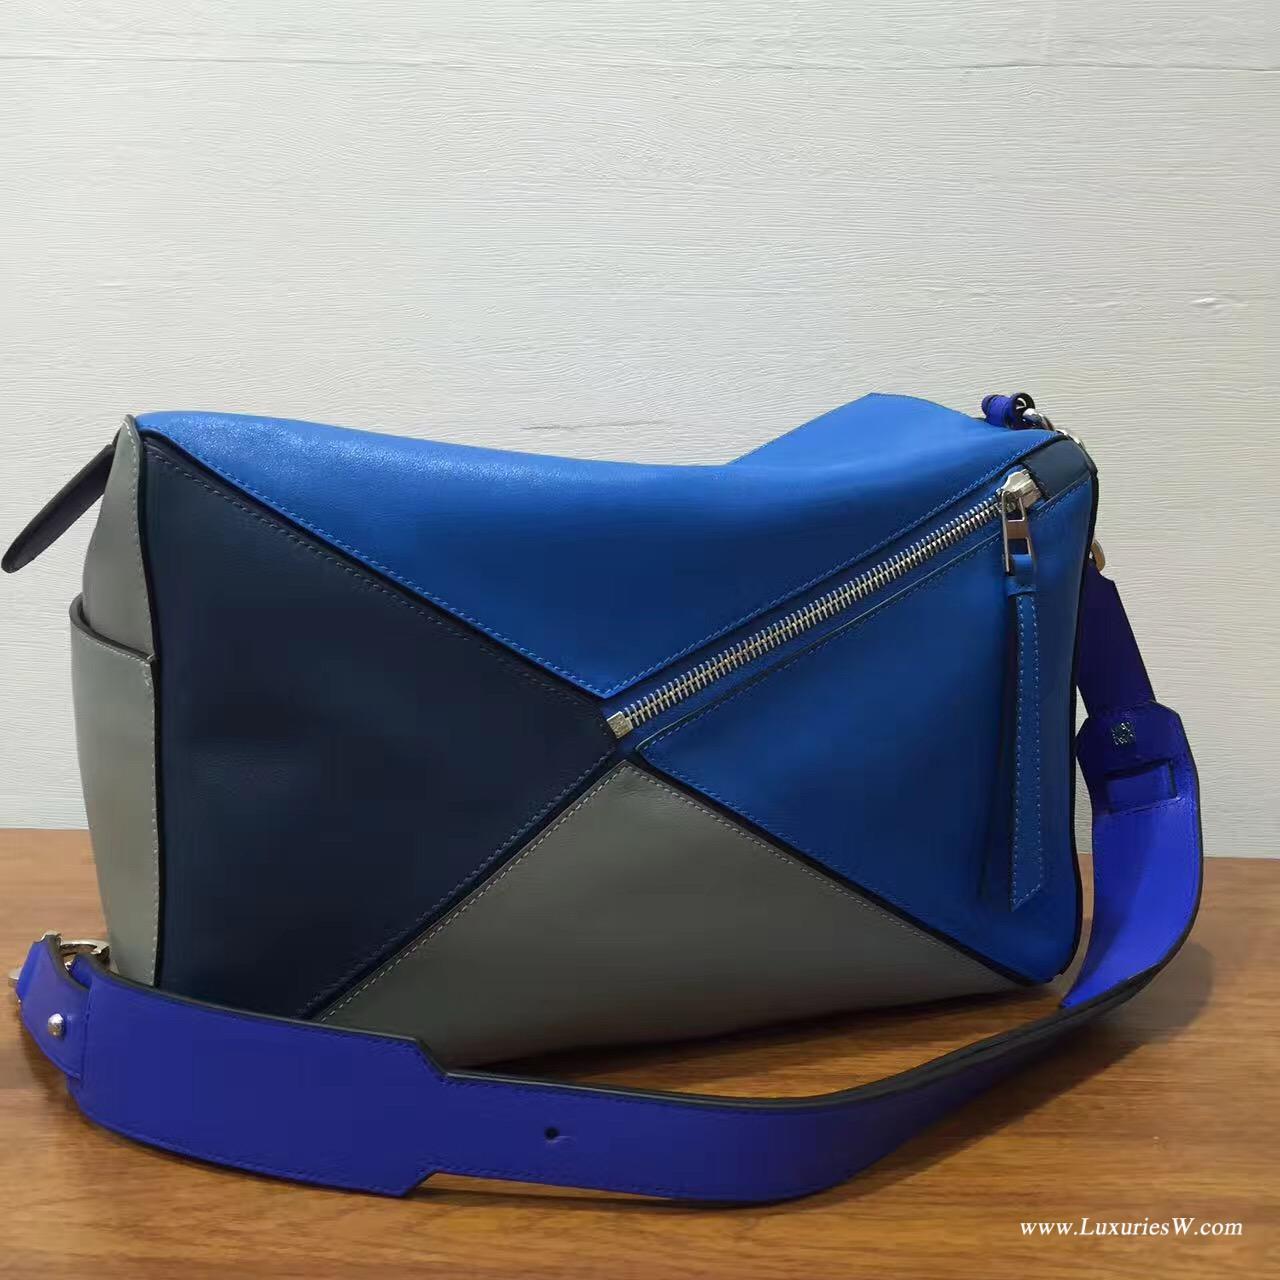 羅意威女包官網 LOEWE特大號 Puzzle Bag 深蓝色配灰色38cm 長方體形狀 折疊幾何包